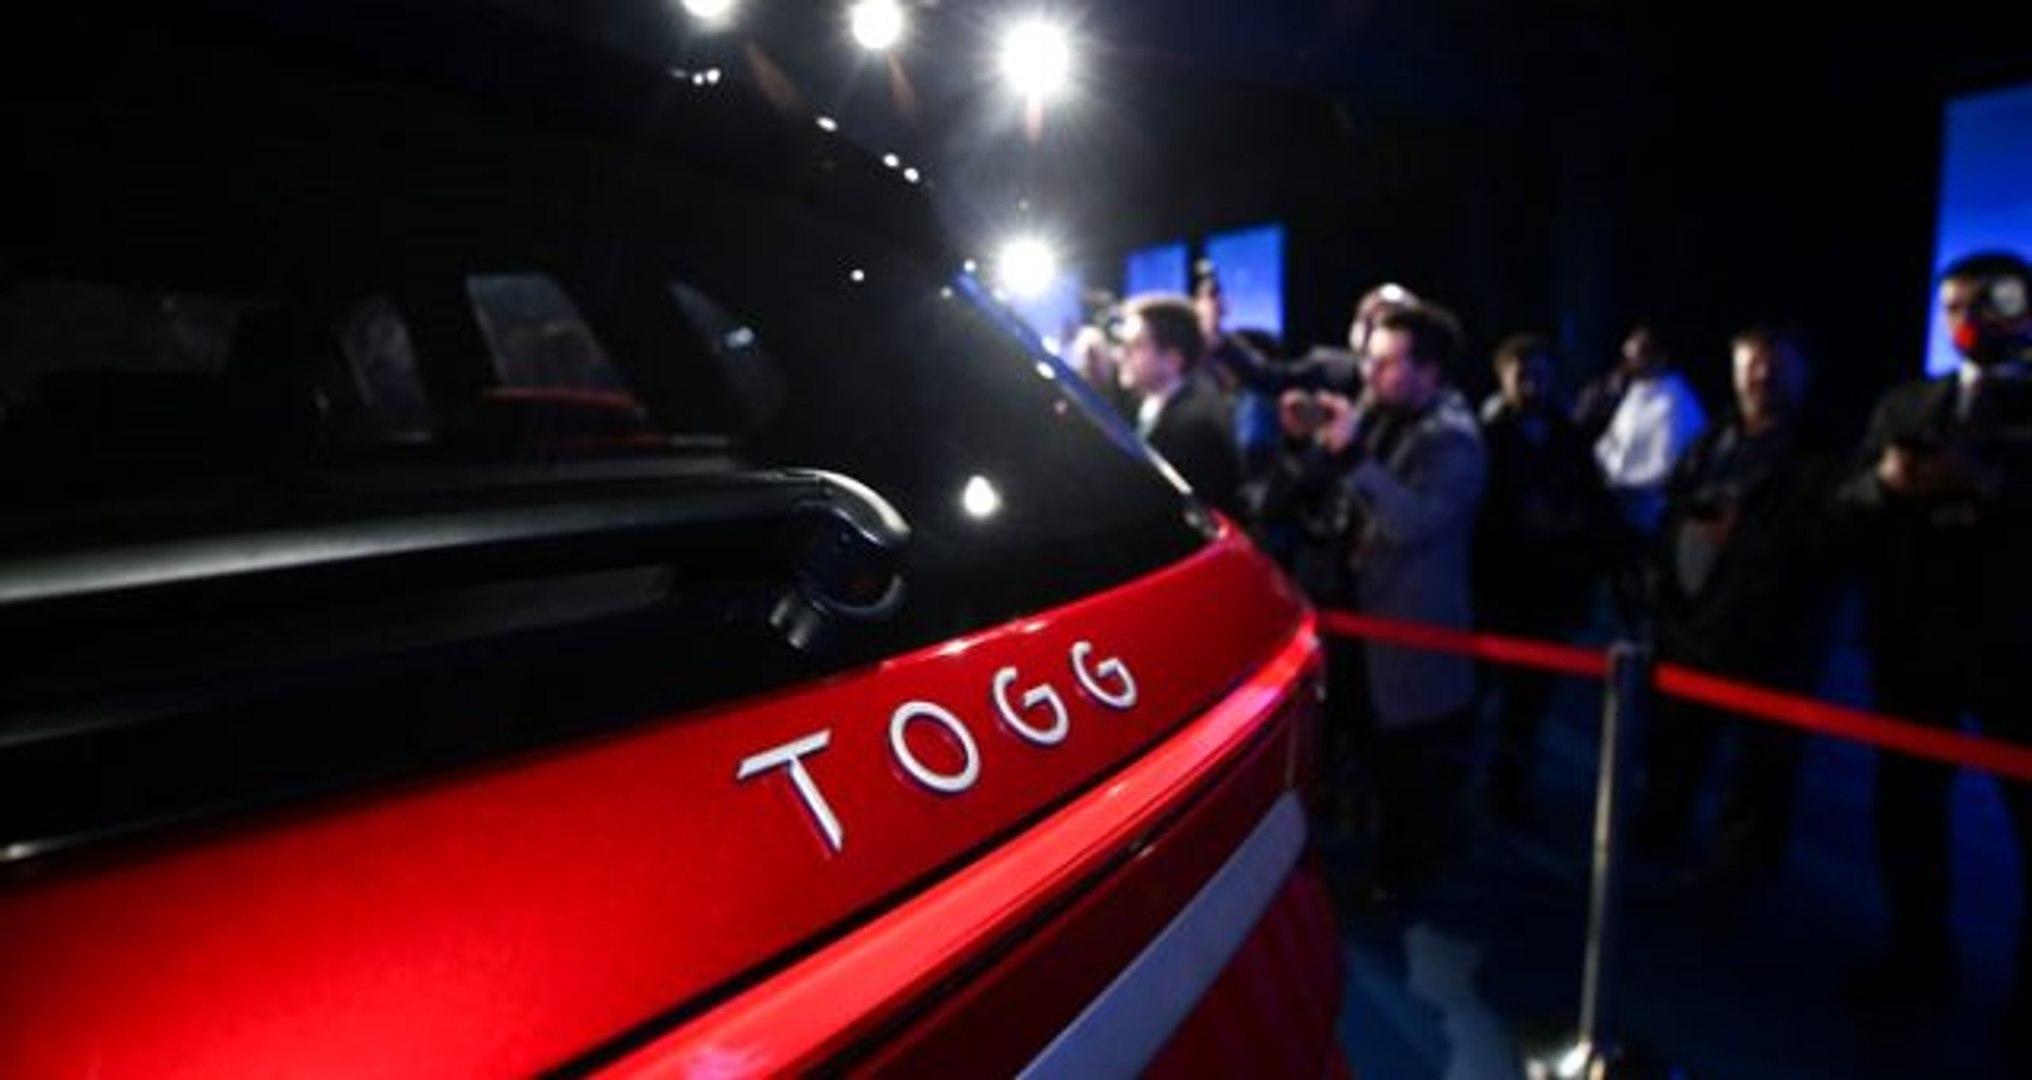 Ünlü isimlerden 'yerli otomobil' paylaşımı: Gururlanmamak elde değil